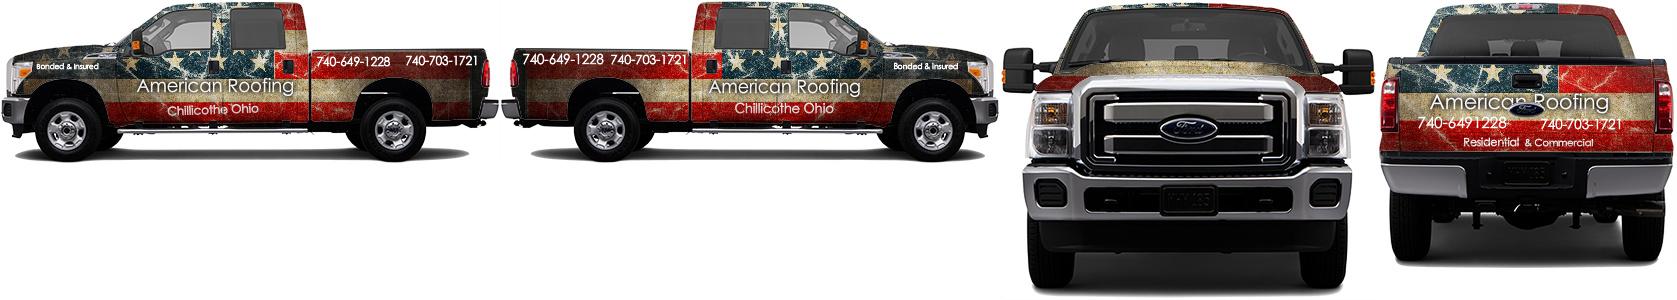 Truck Wrap #47607